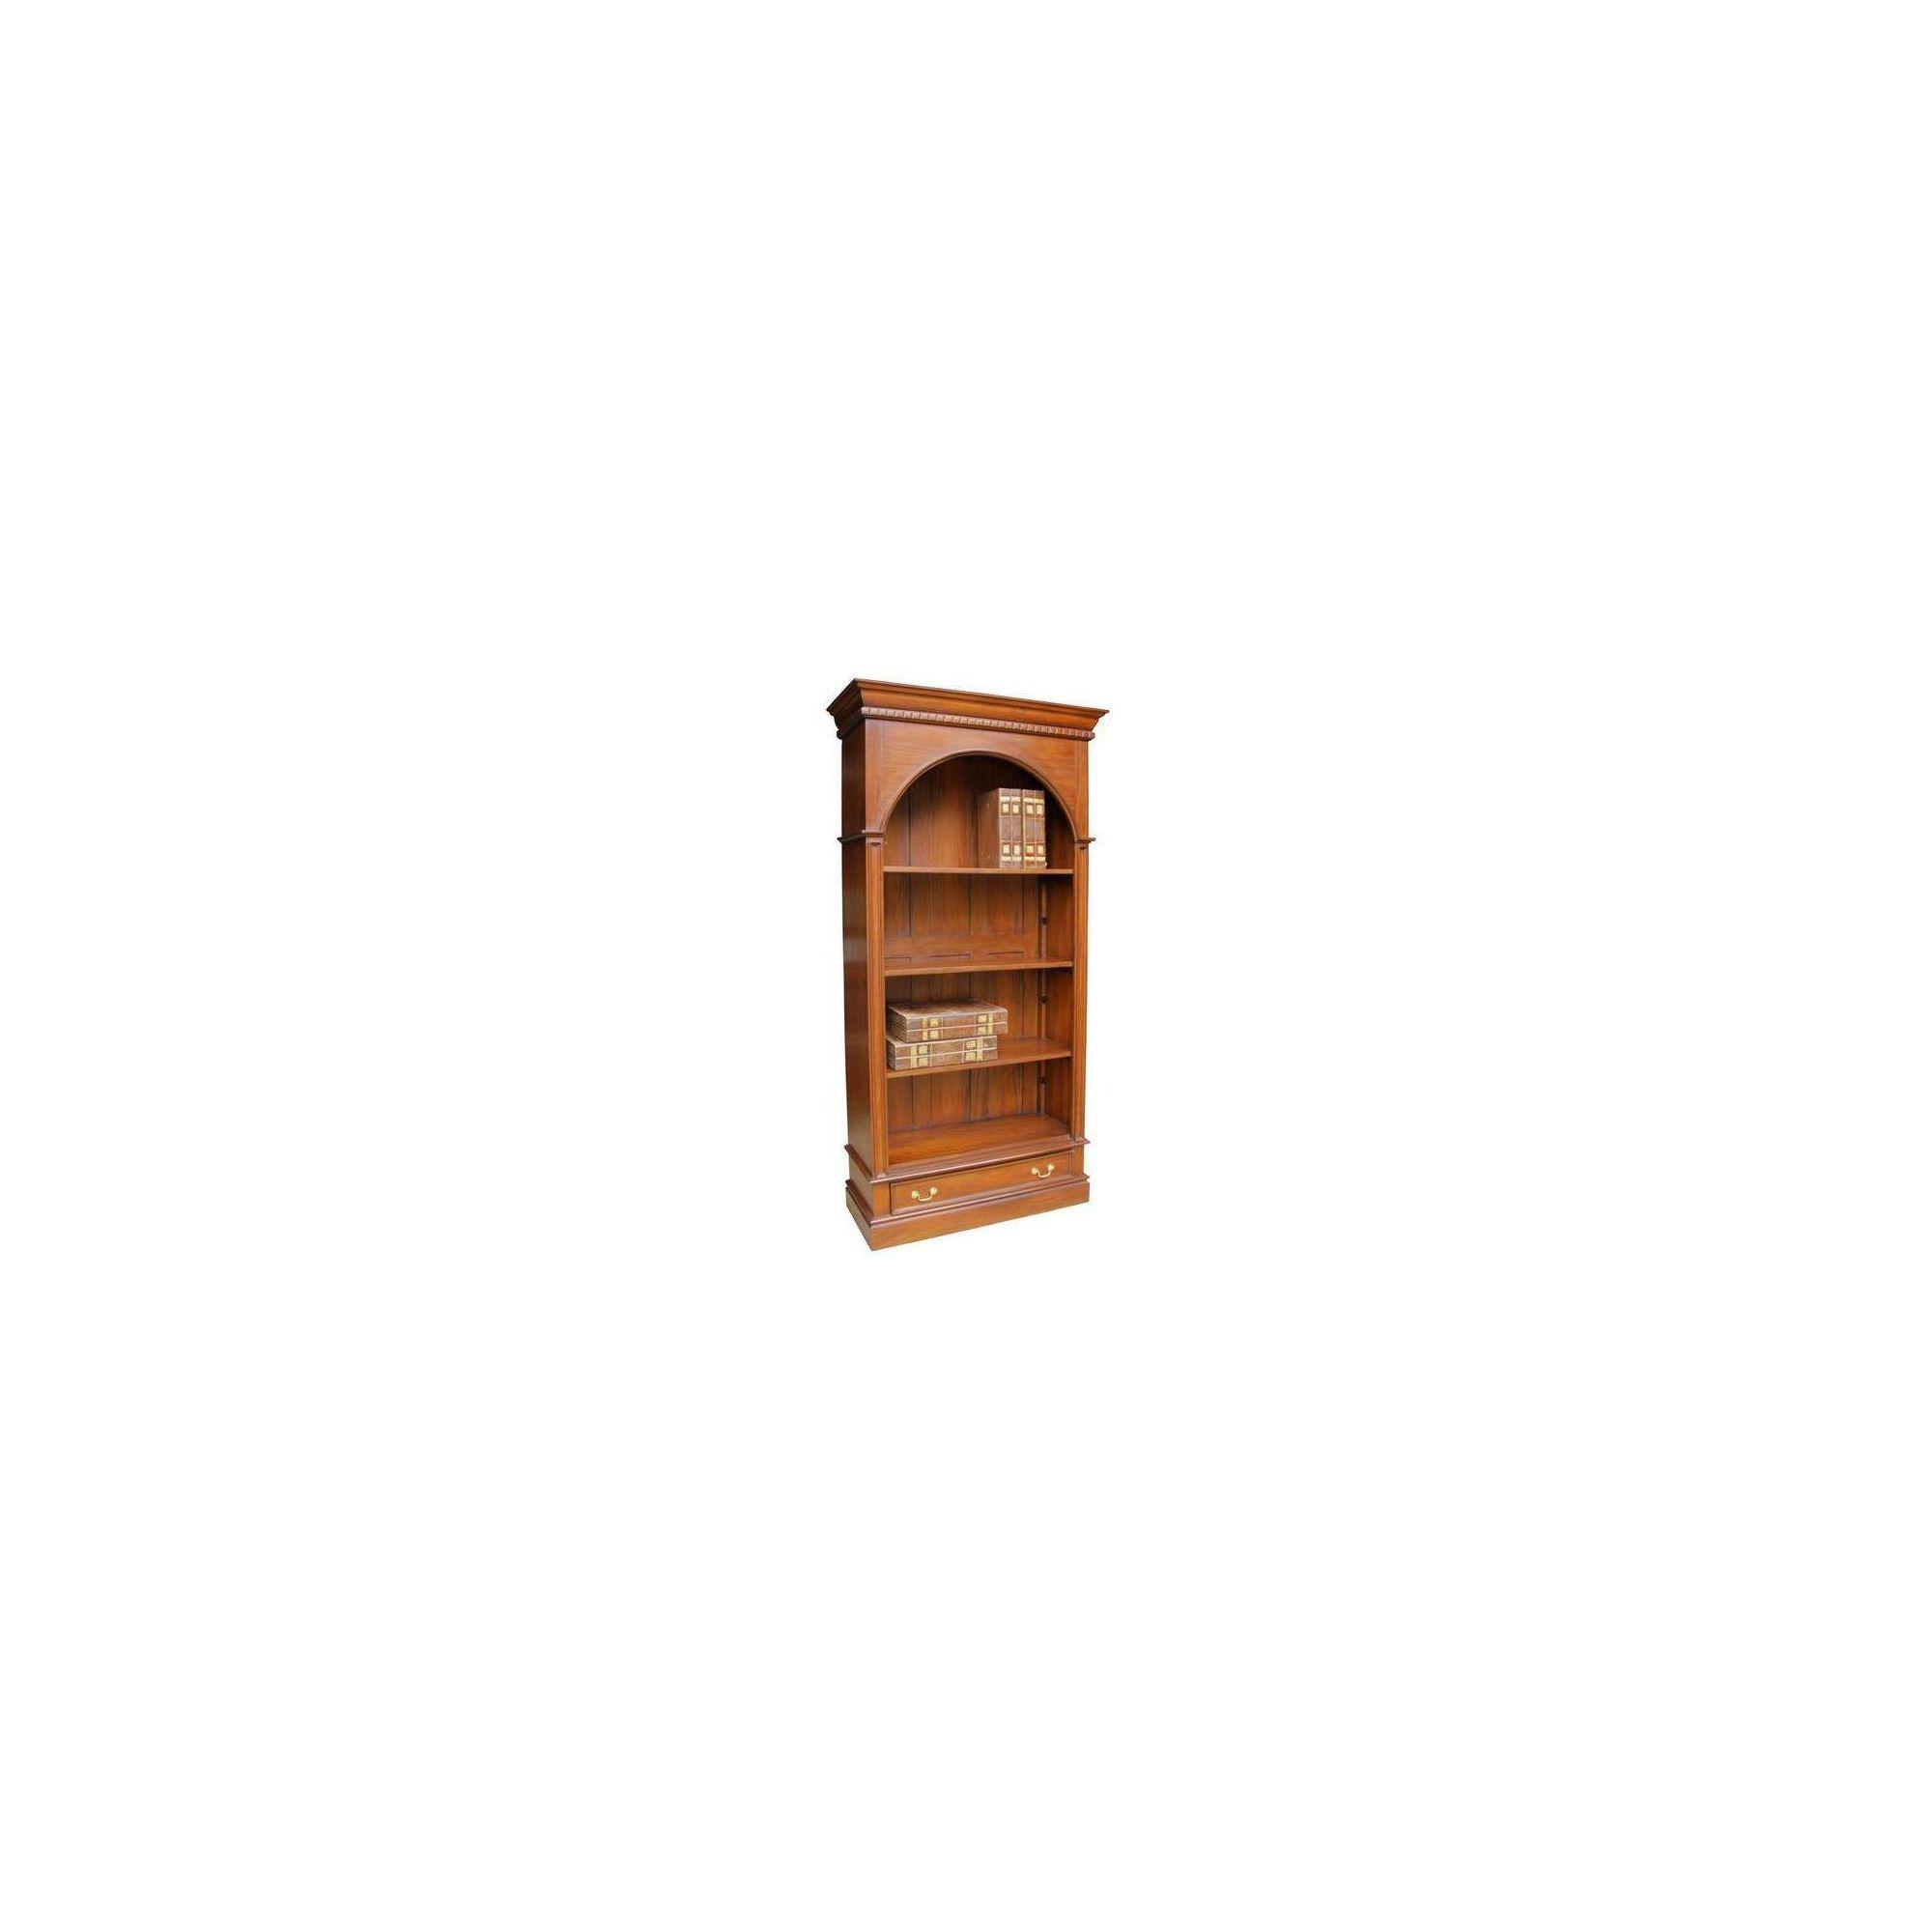 Lock stock and barrel Mahogany Arch Bookcase in Mahogany at Tesco Direct